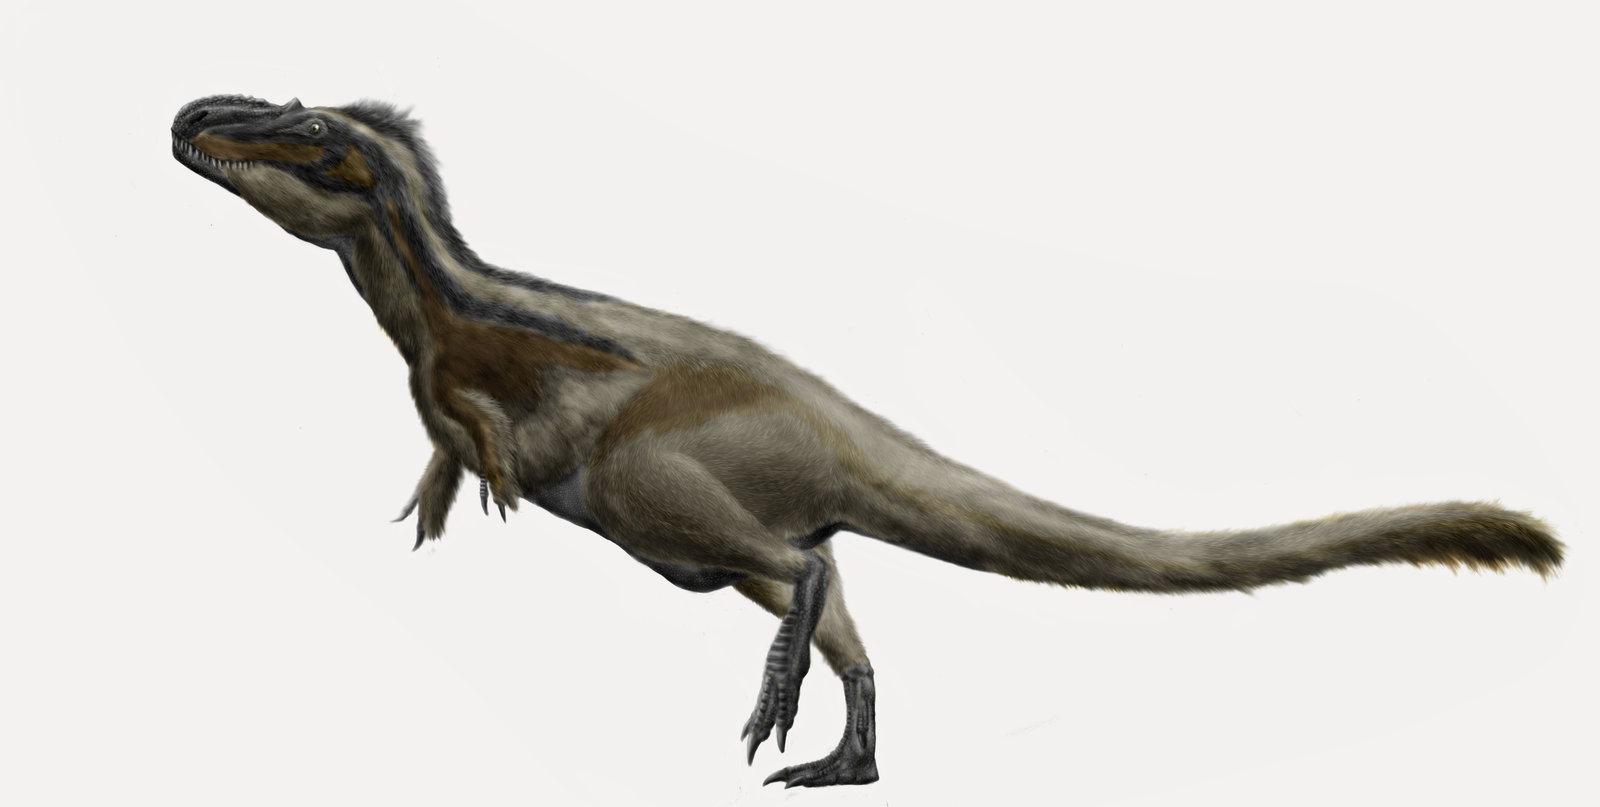 https://upload.wikimedia.org/wikipedia/commons/0/08/Daspletosaurus_torosus_by_durbed.jpg